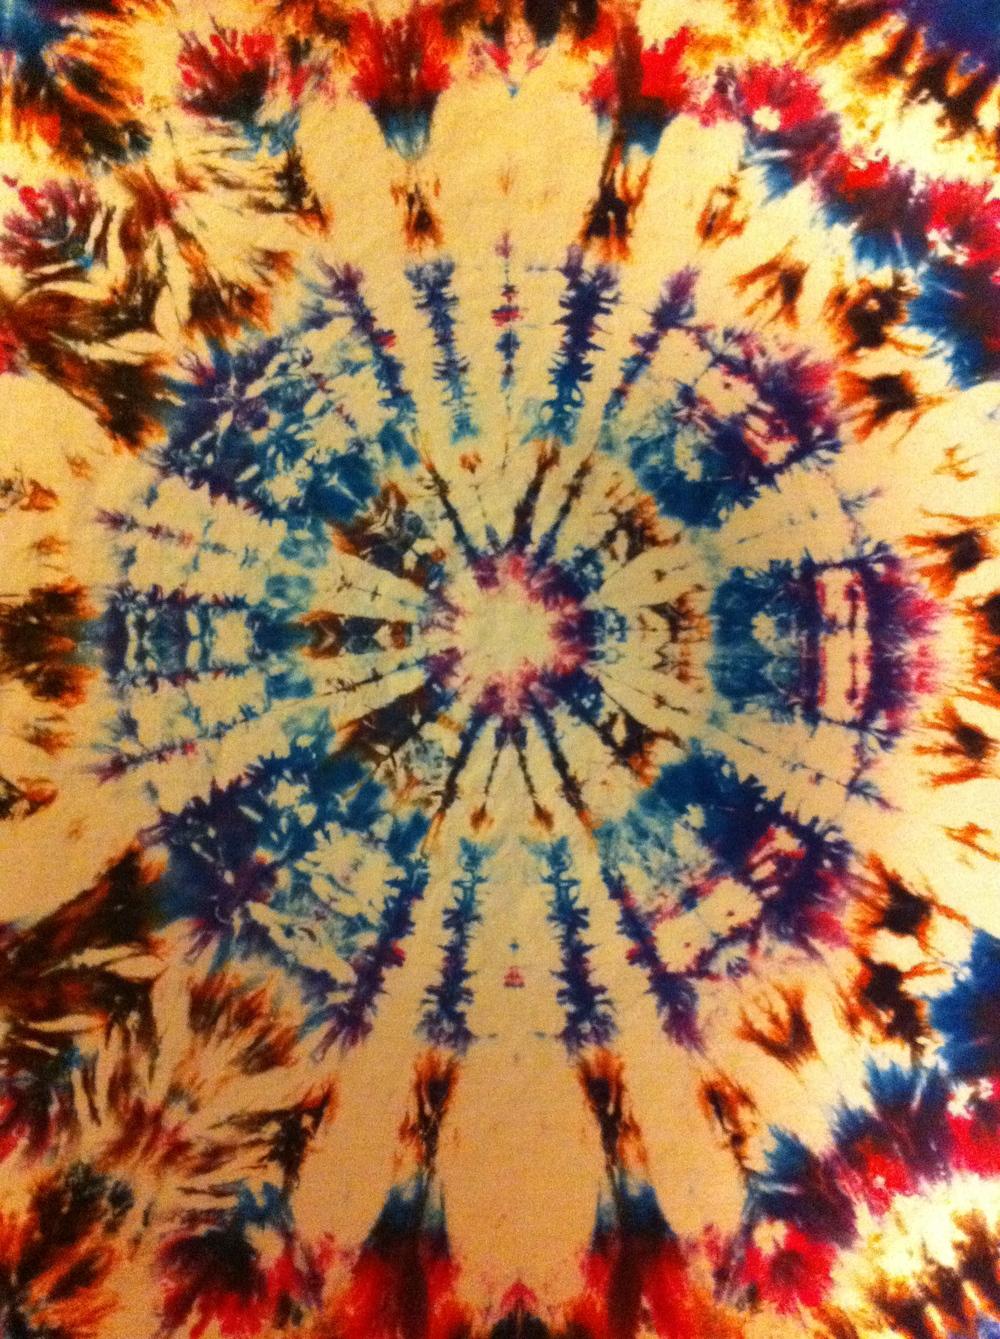 Mystic tie-dye piece by Jill Lawrence, 2011.